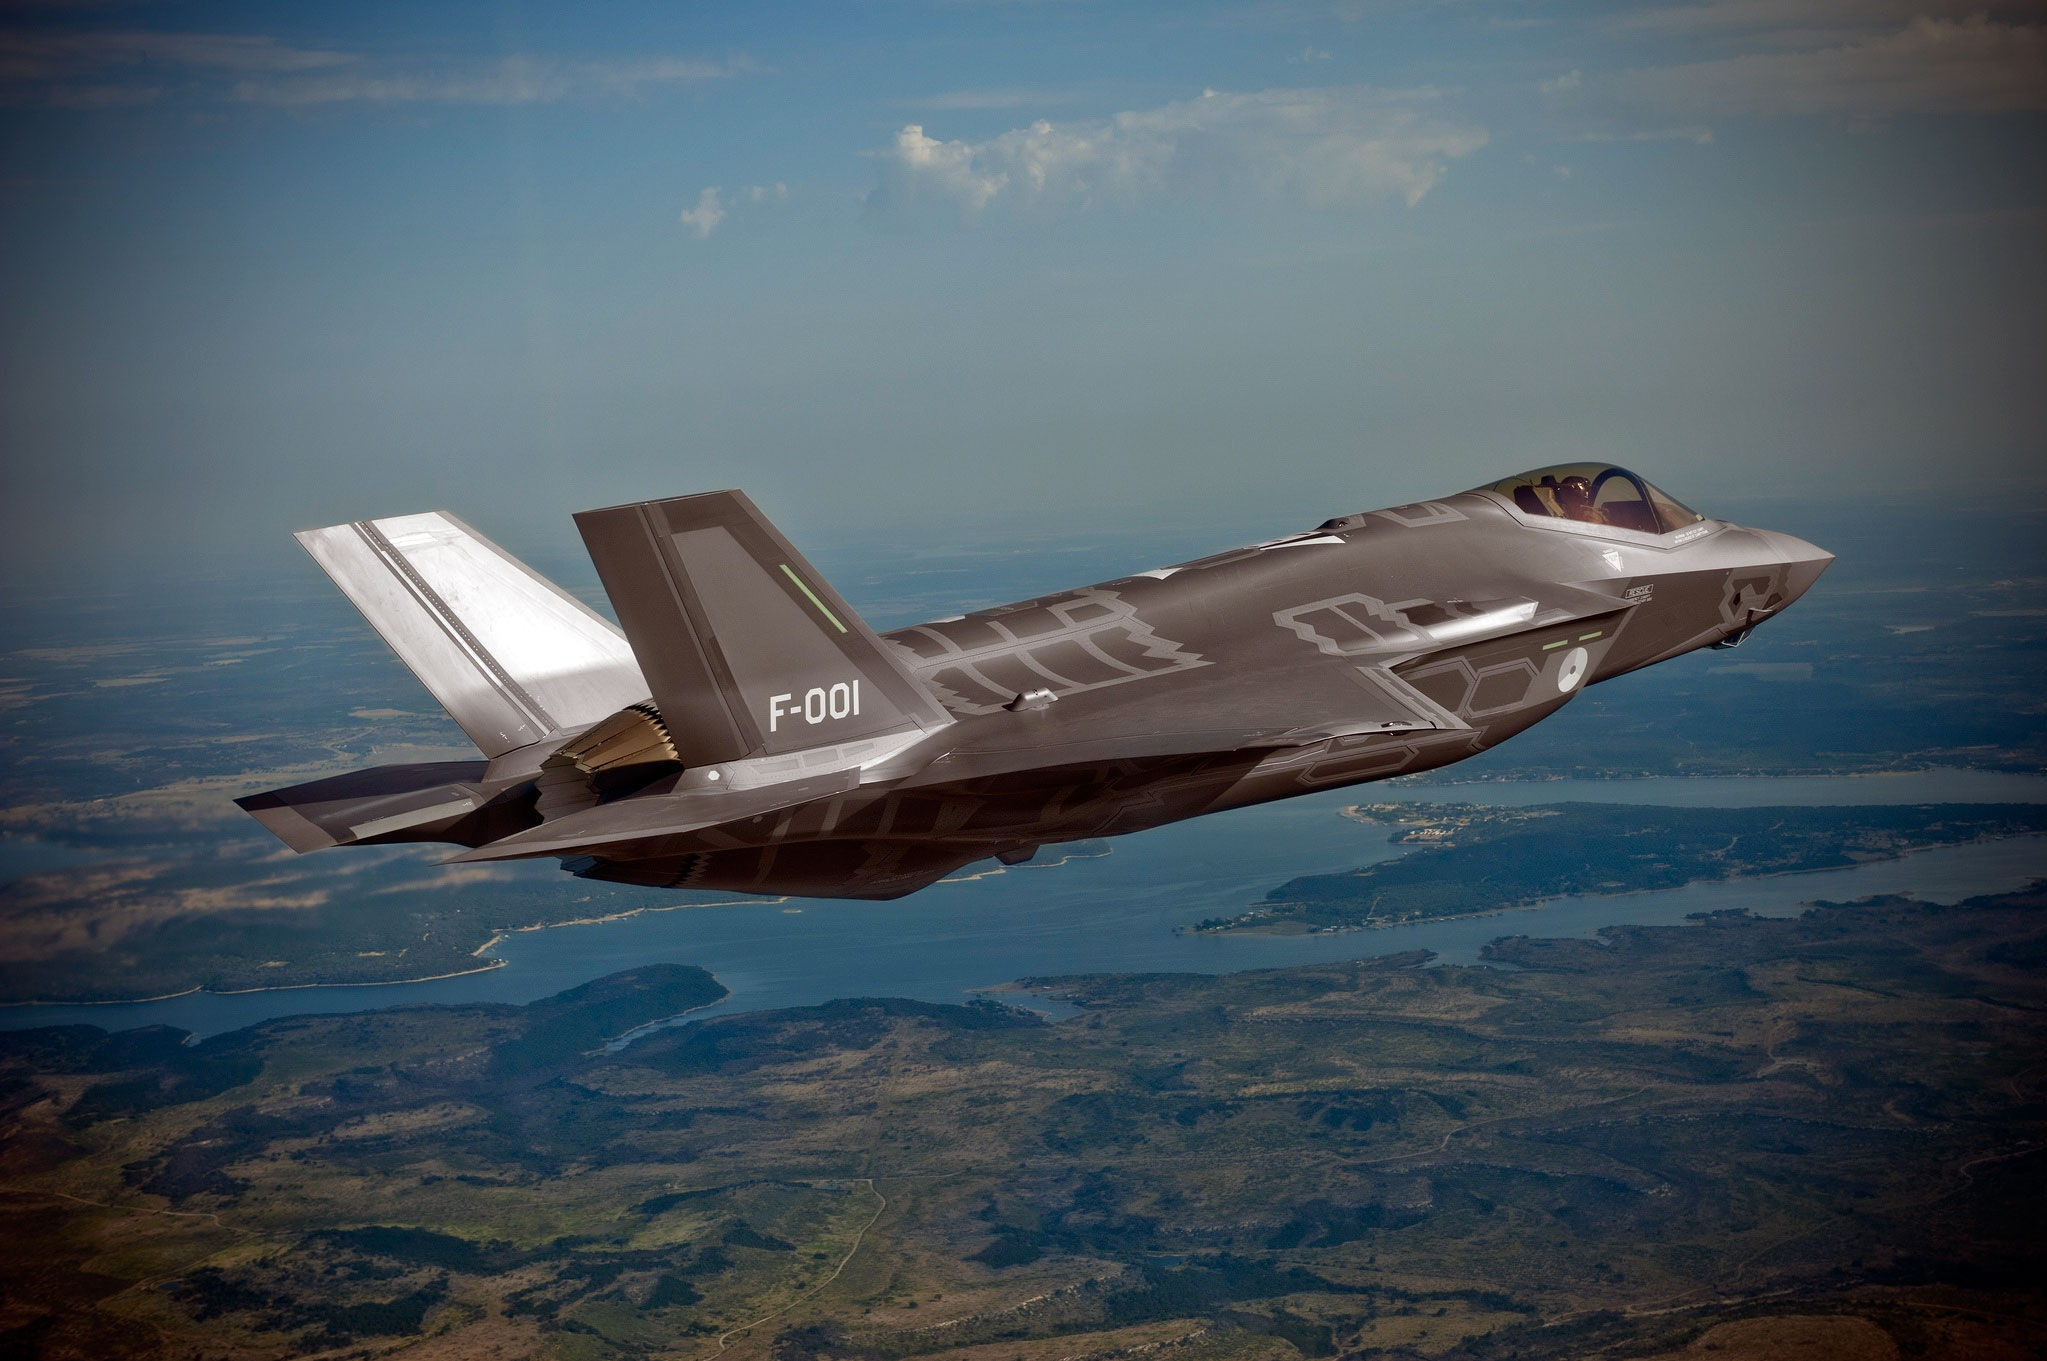 PÅ VEI TIL NORGE: Norge skal anskaffe seg 52 kampfly av F-35-typen som er avbildet over. Samlet skal prisen bli 64 milliarder kroner. Akkurat dette flyet er det første som ble levert til det nederlandske forsvaret.